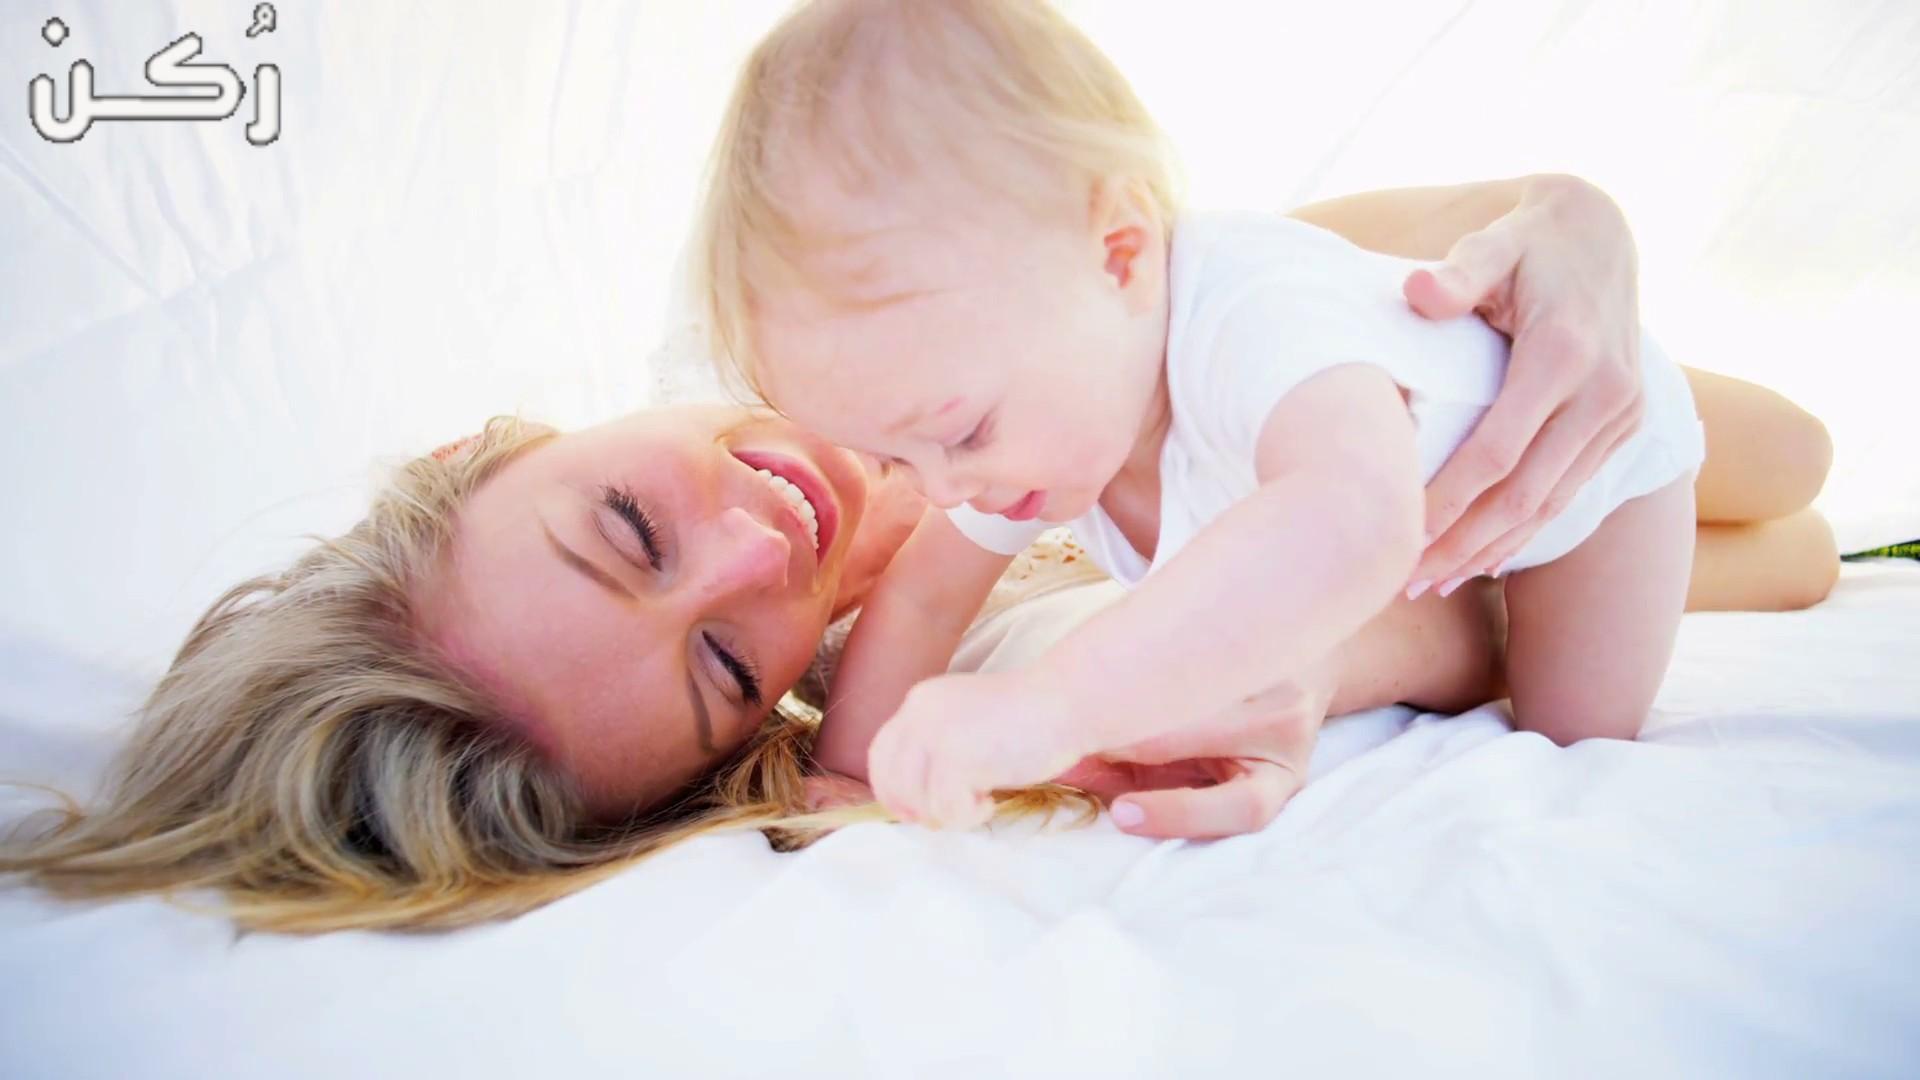 اغرب الاسماء للبنات ومعانيها وأصلها للمواليد الجديدة